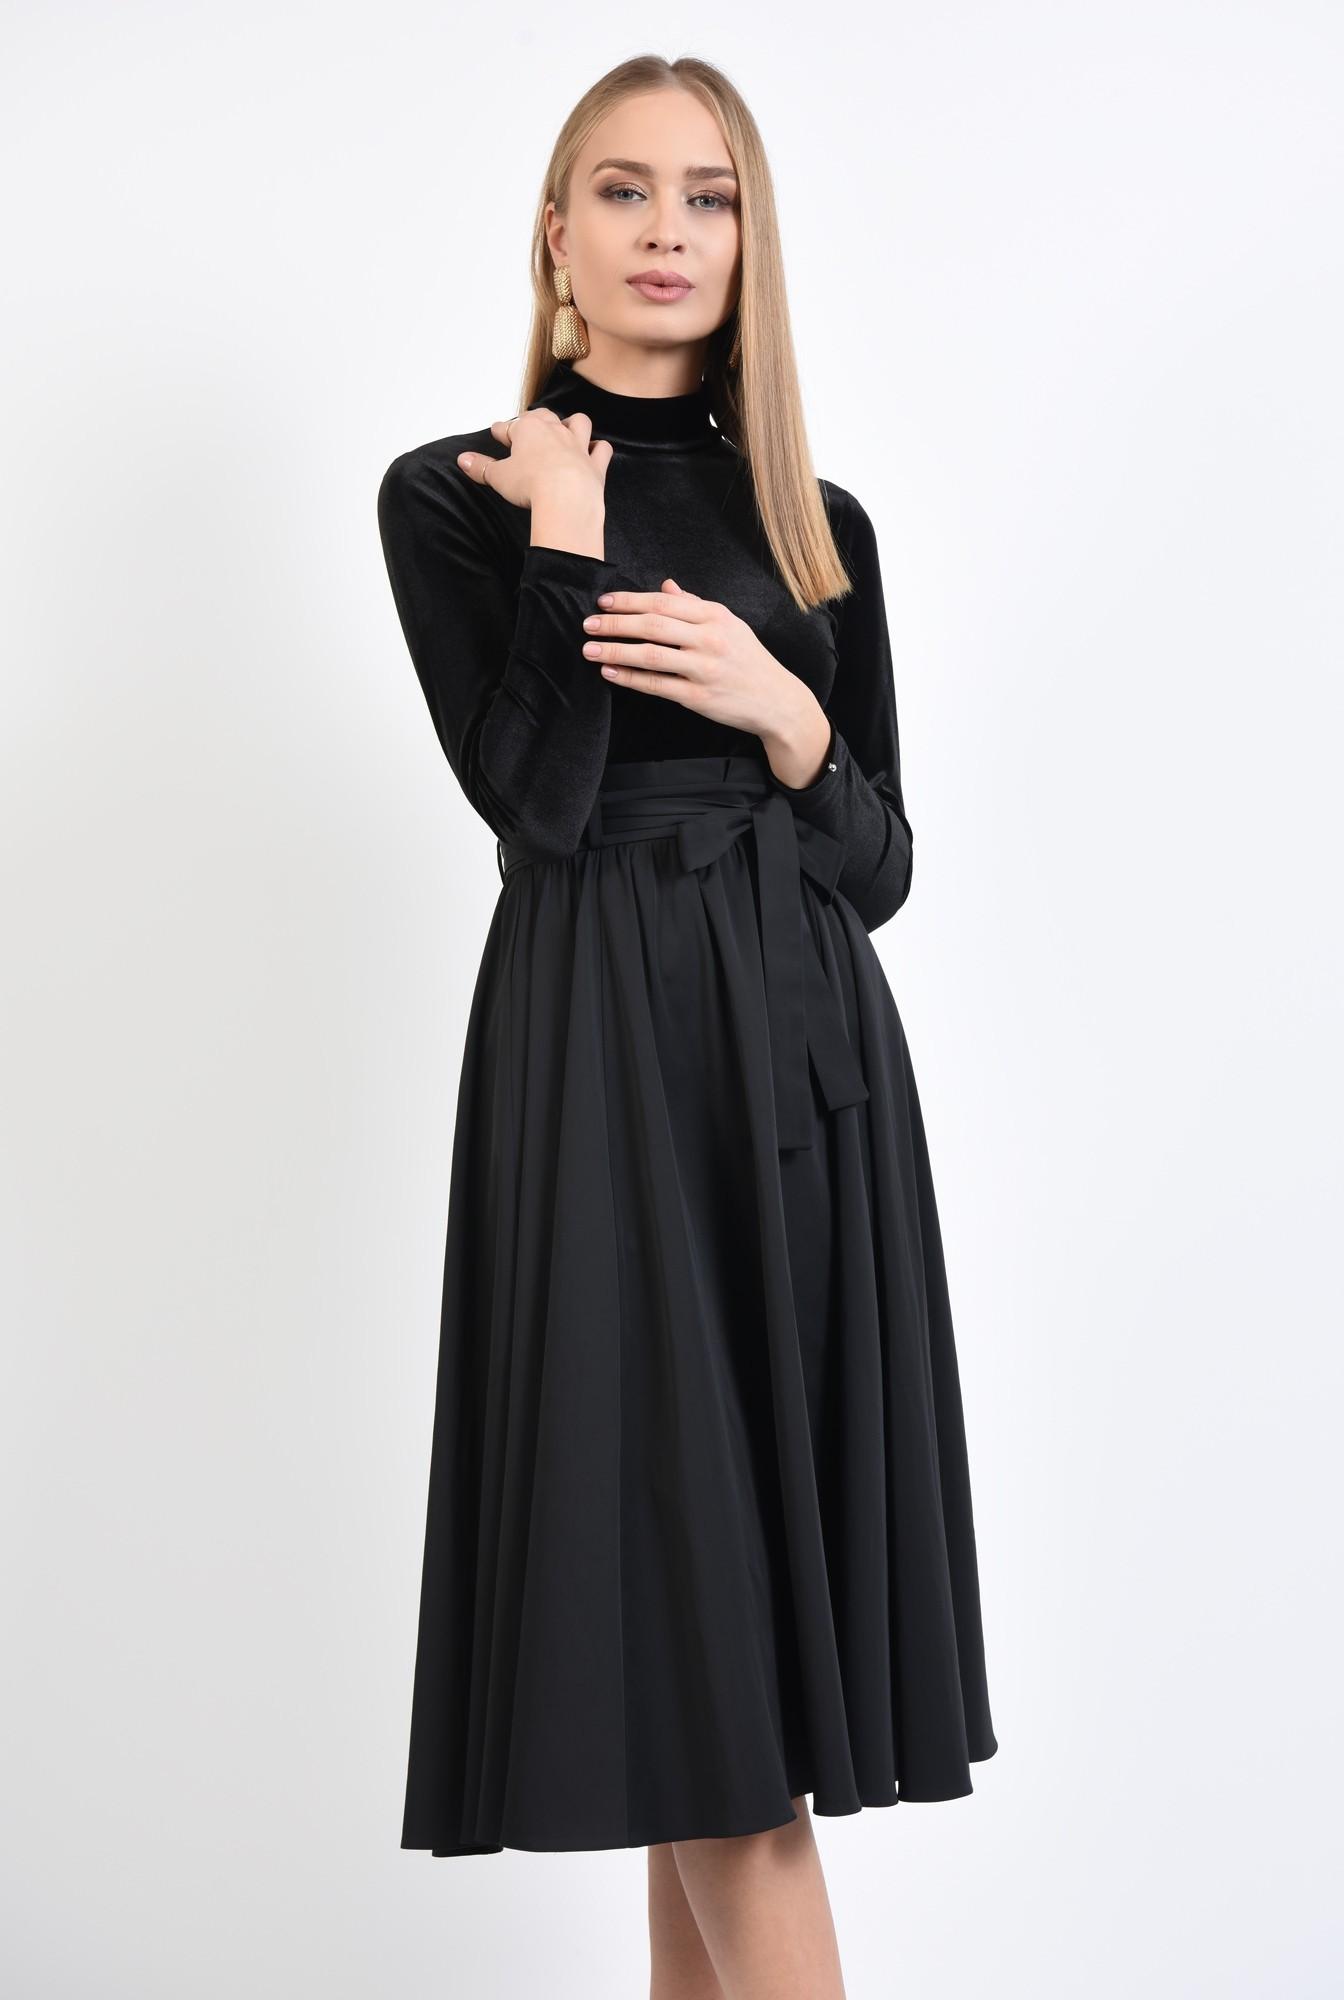 0 - 360 - fusta neagra eleganta, croi evazat, falduri, betelie plisata cu cordon